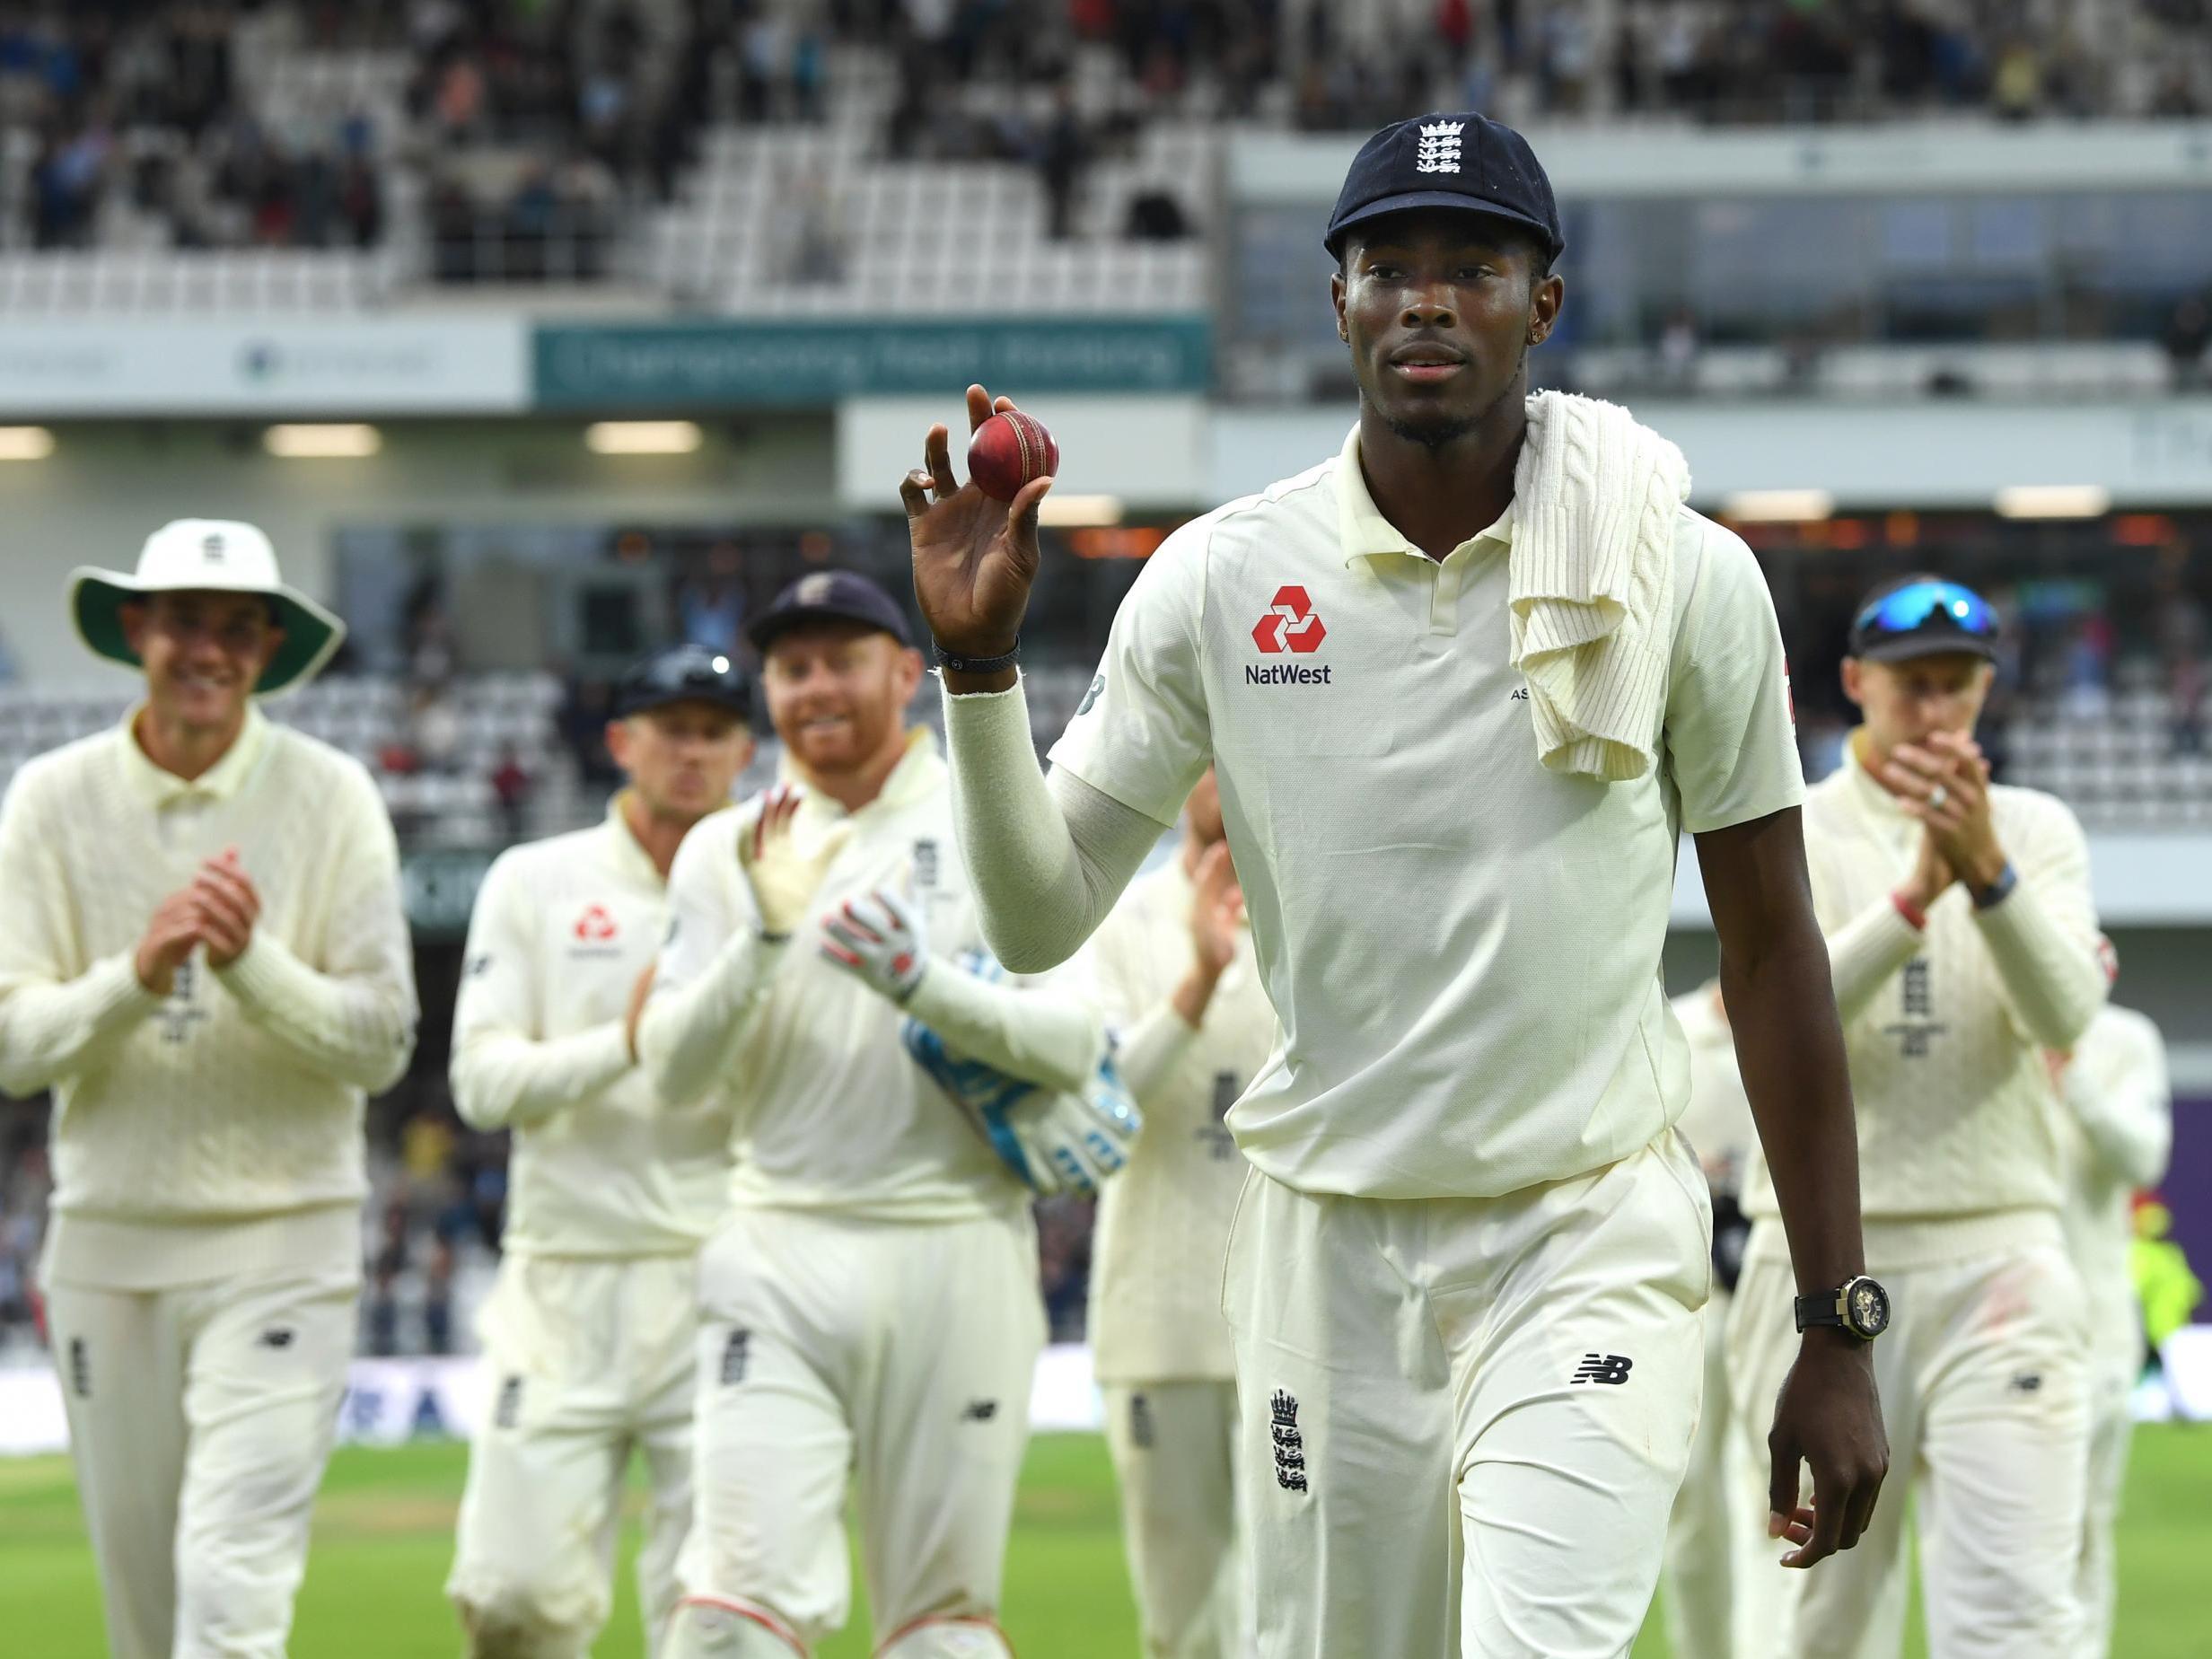 वेस्टइंडीज के इस दिग्गज ने कहा जोफ्रा आर्चर एक दिन होंगे इंग्लैंड के बड़े कप्तान 8